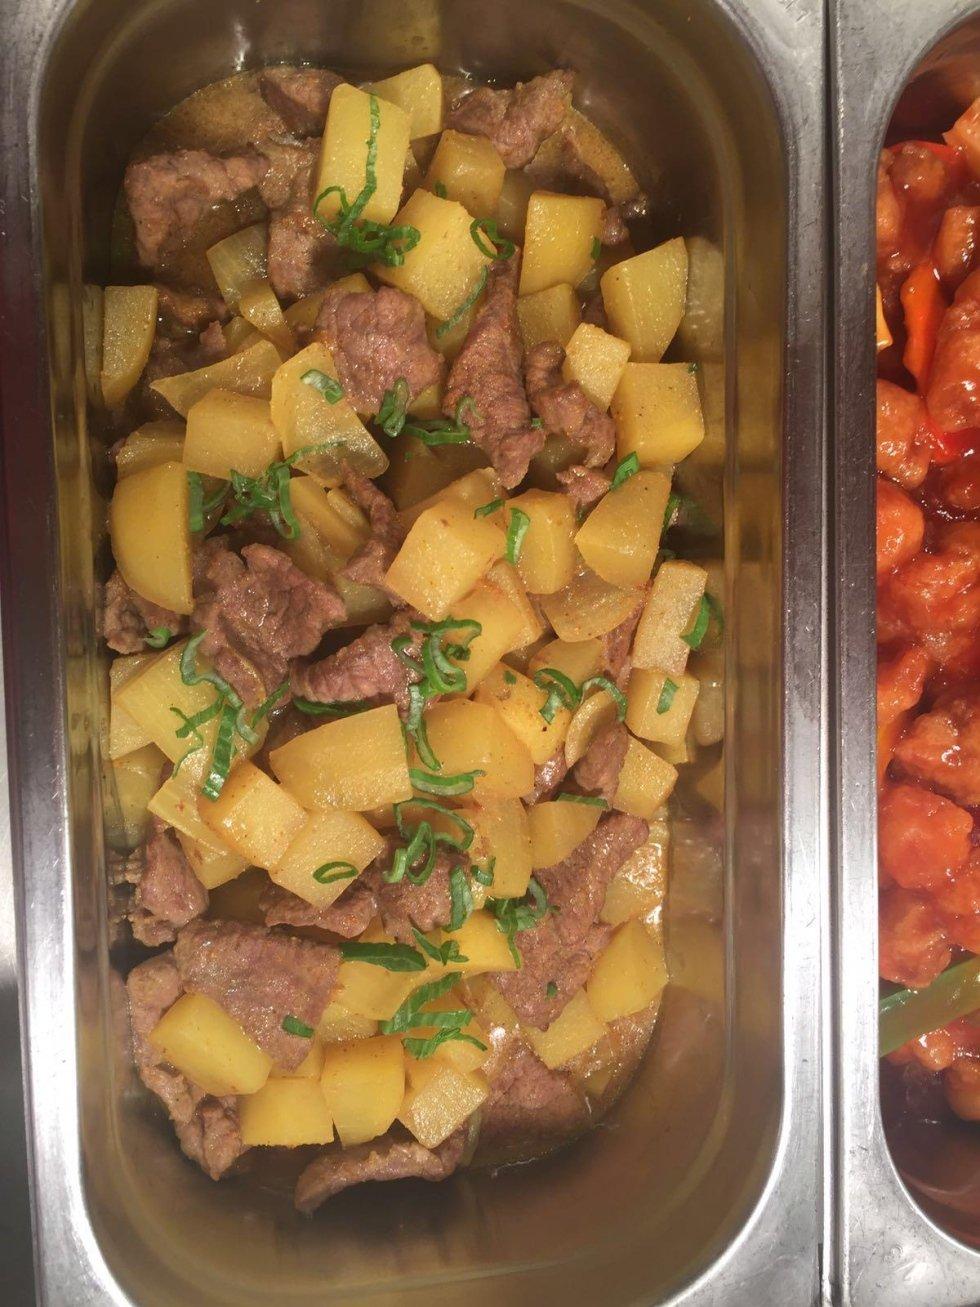 Vitelli con patata e salsa curry